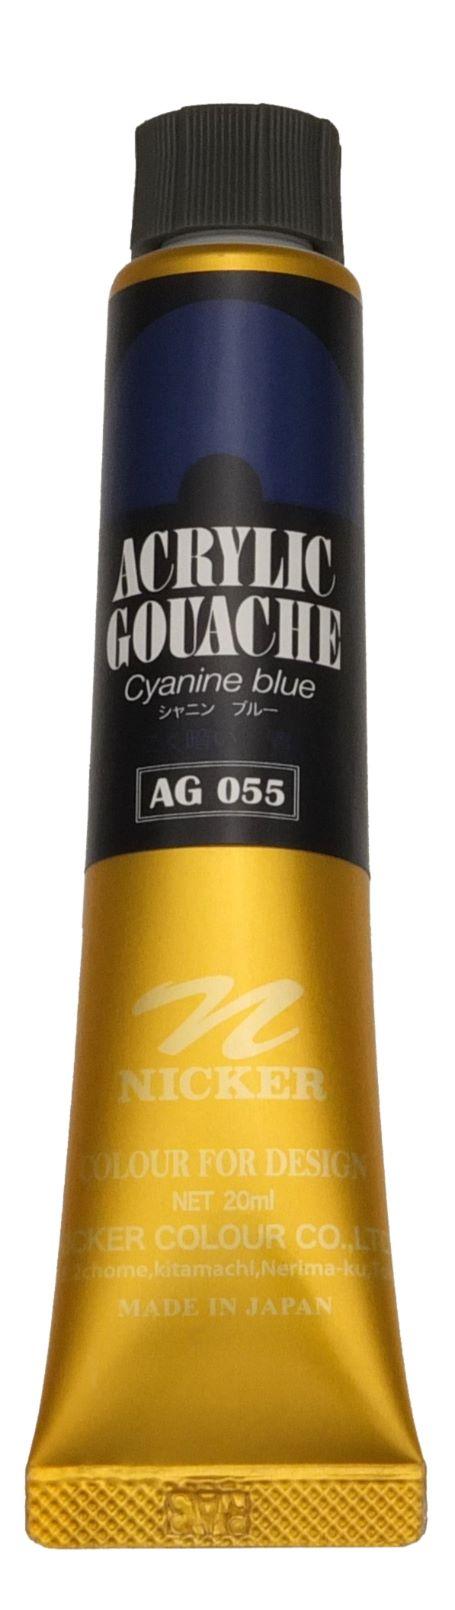 <Discontinued> ACRYLIC GOUACHE 20ml AG055 CYANINE BLUE